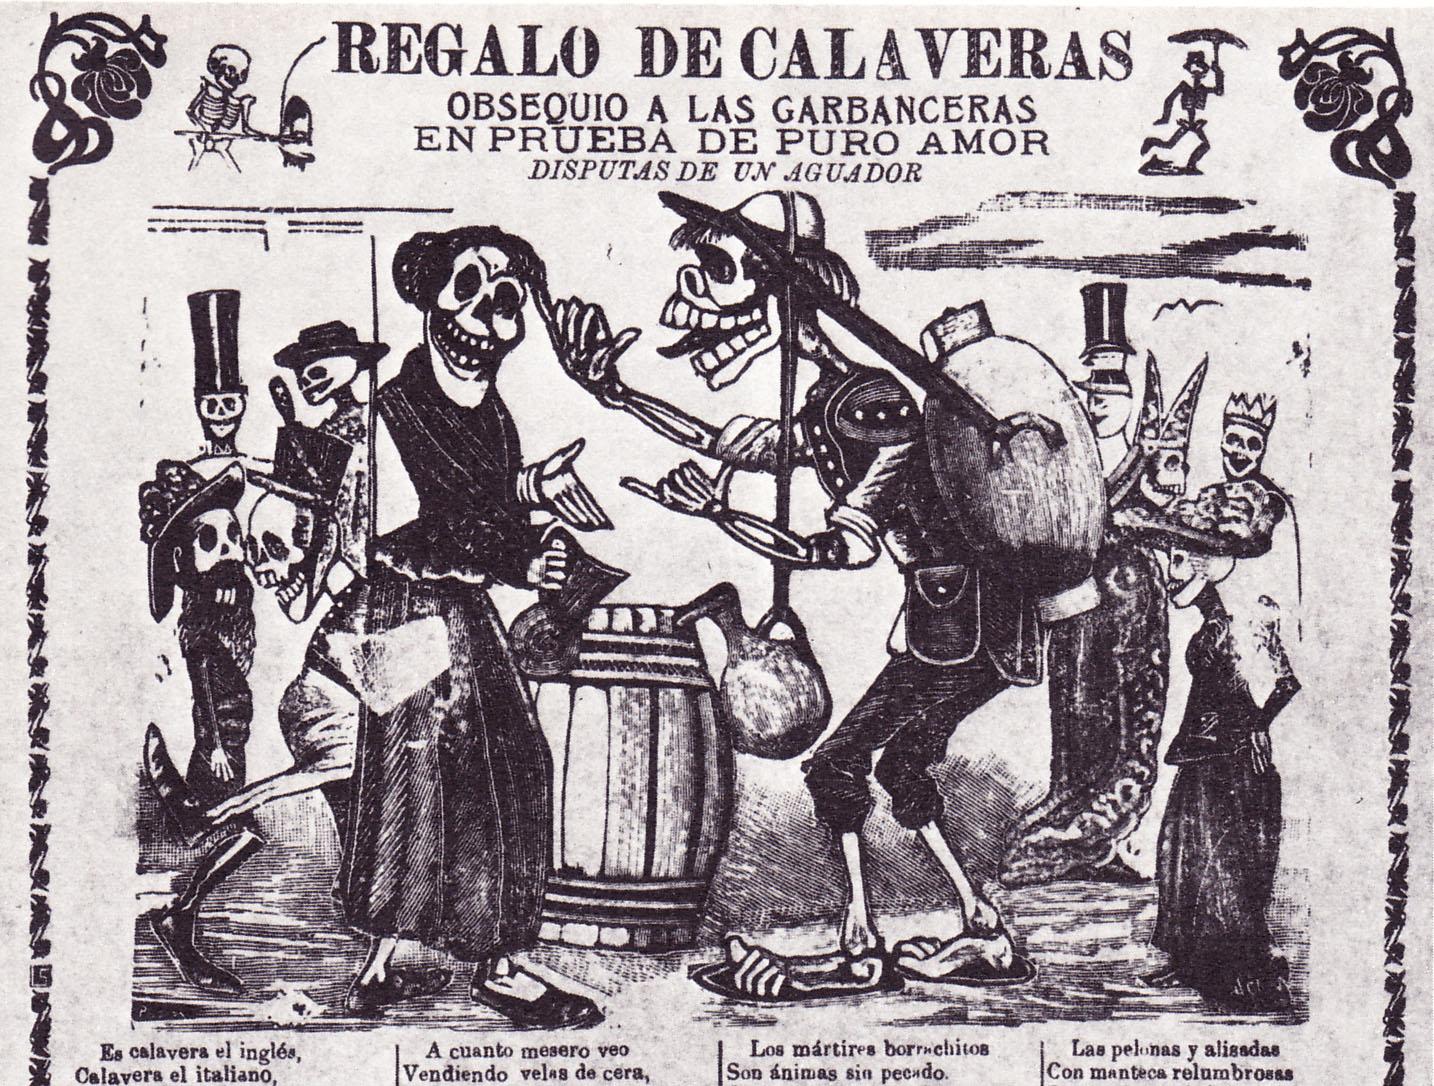 Regalo de calaveras – Morbid Anatomy Library – Most Holy Death